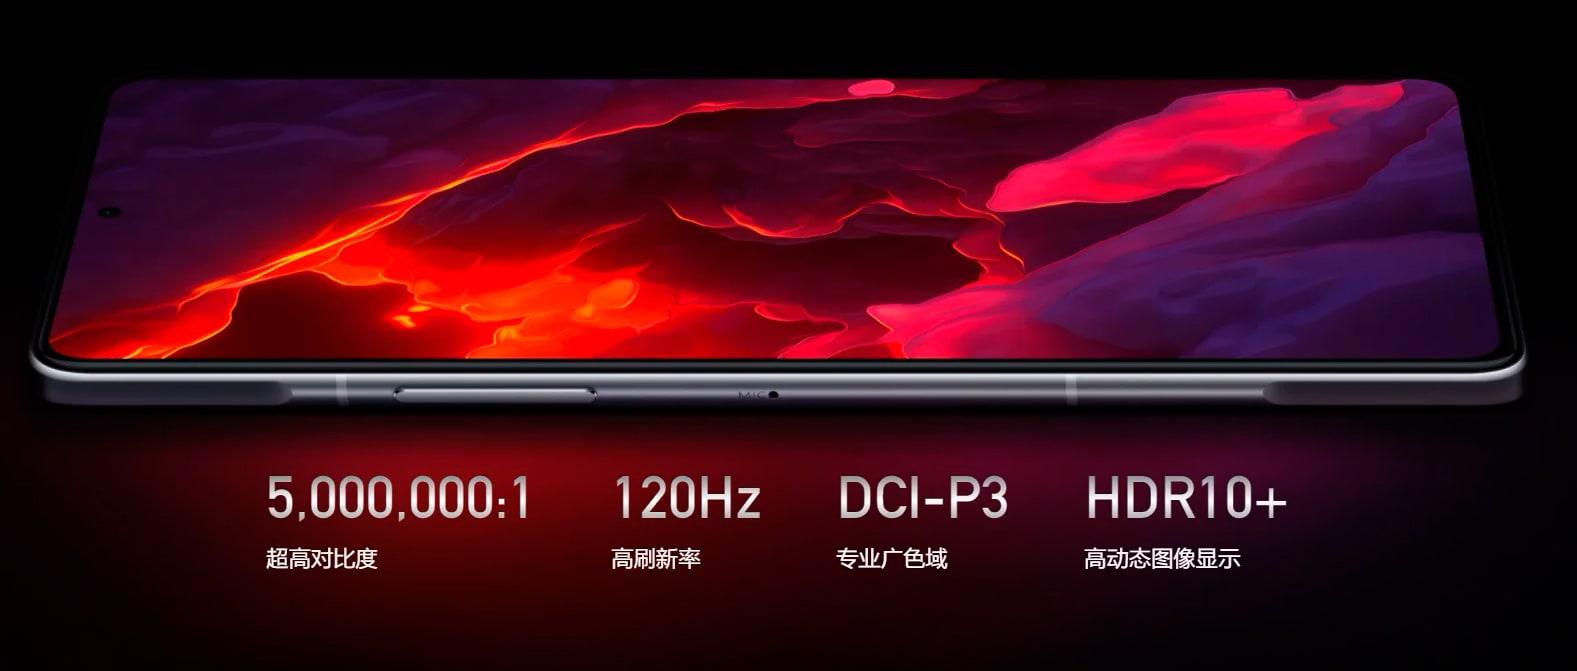 Игровой смартфон Redmi K40 Gaming Edition с чипом Dimensity 1200 представлен официально